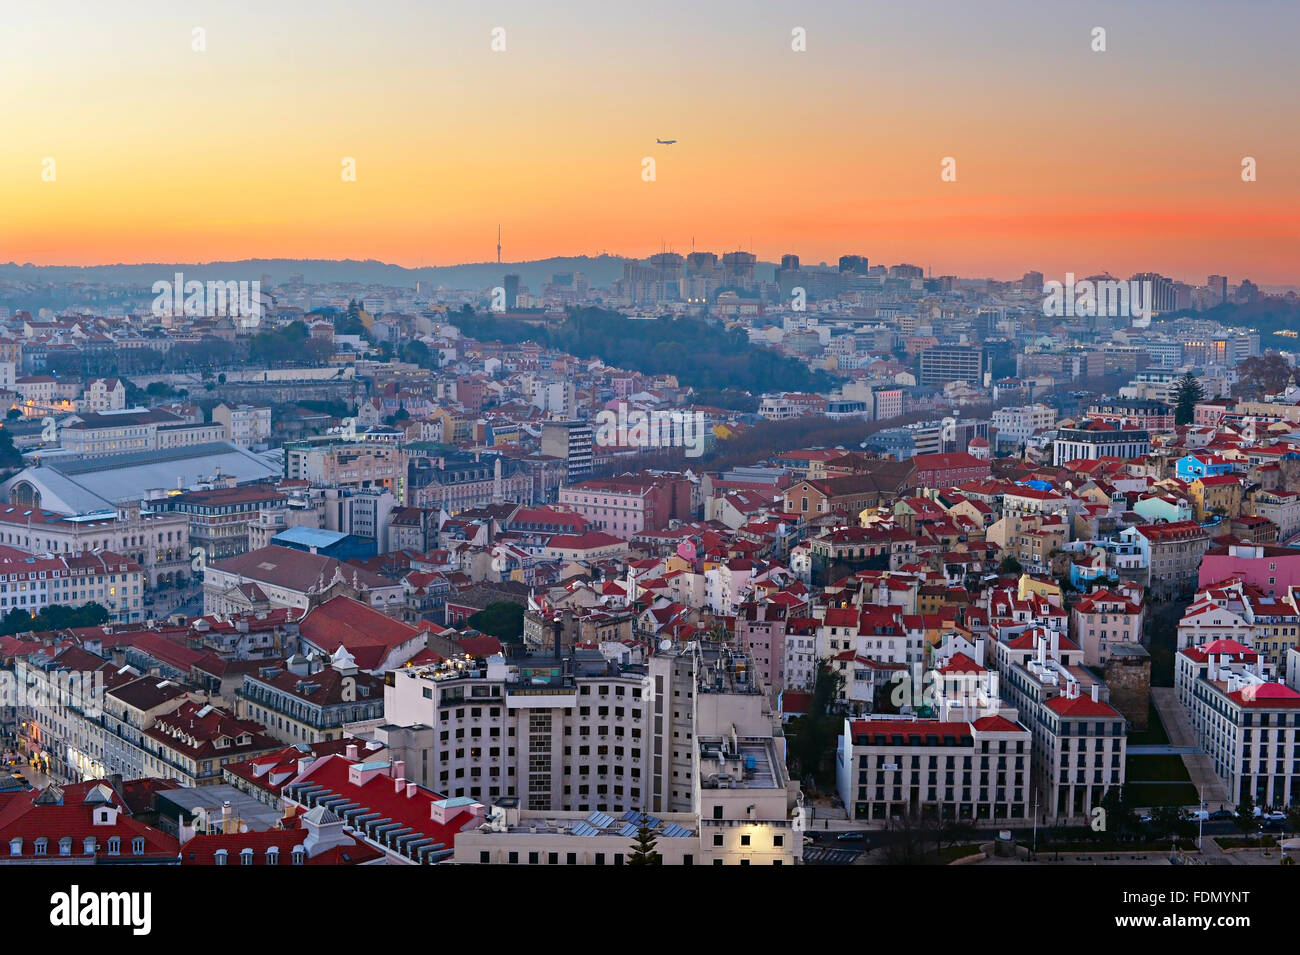 Flugzeug fliegen über die Lissabon bei Sonnenuntergang. Portugal Stockbild